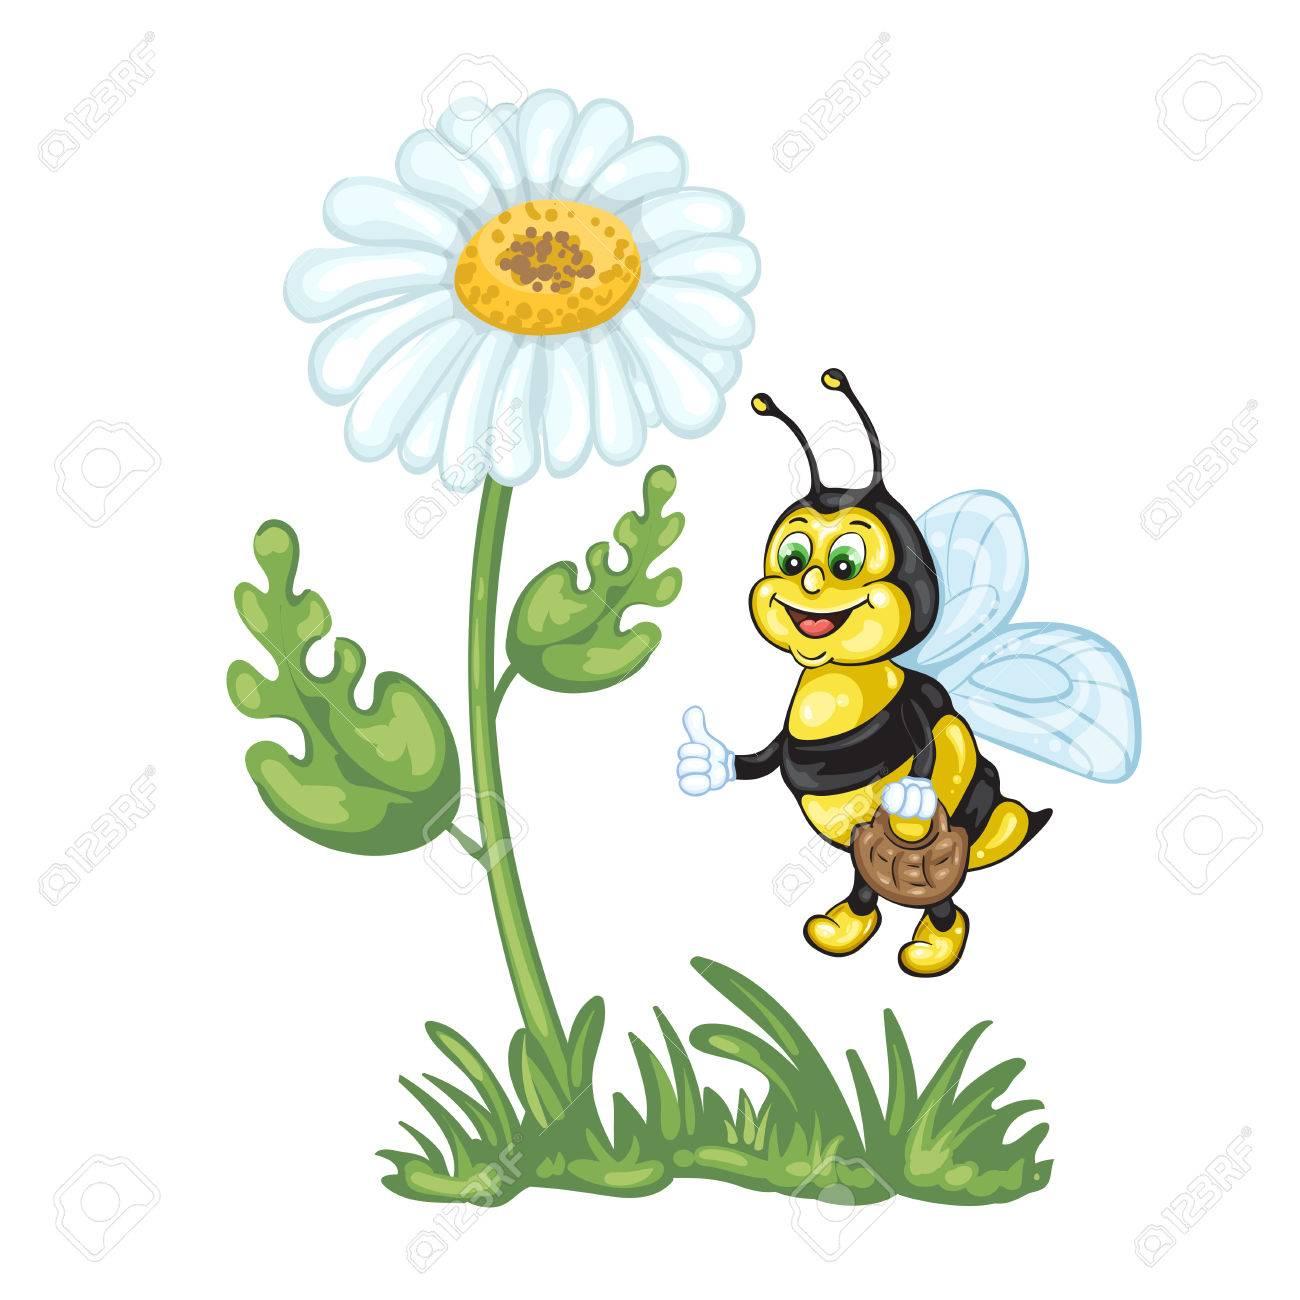 Illustration of cute cartoon bee and daisy flower royalty free illustration of cute cartoon bee and daisy flower stock vector 59731891 izmirmasajfo